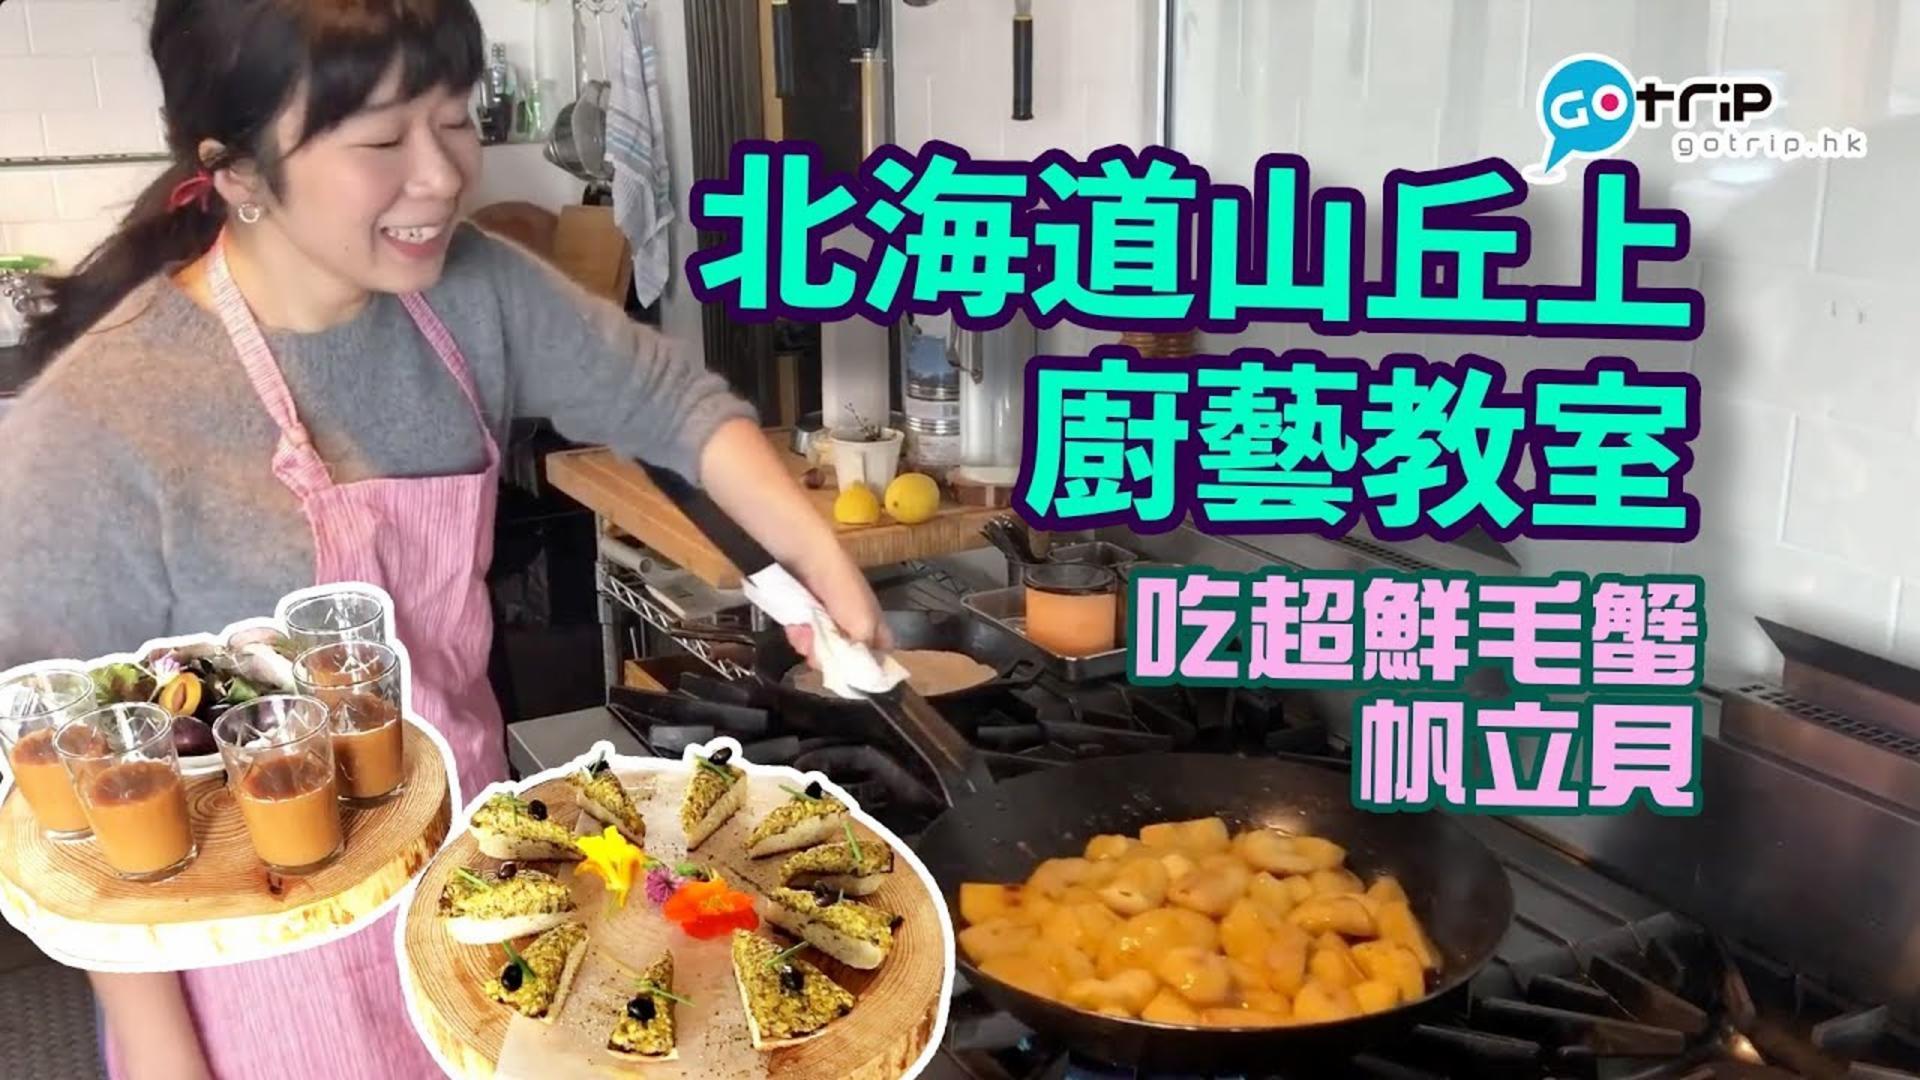 日本 北海道山丘上廚藝教室 吃超鮮毛蟹、帆立貝【學做日本人】Ep.24